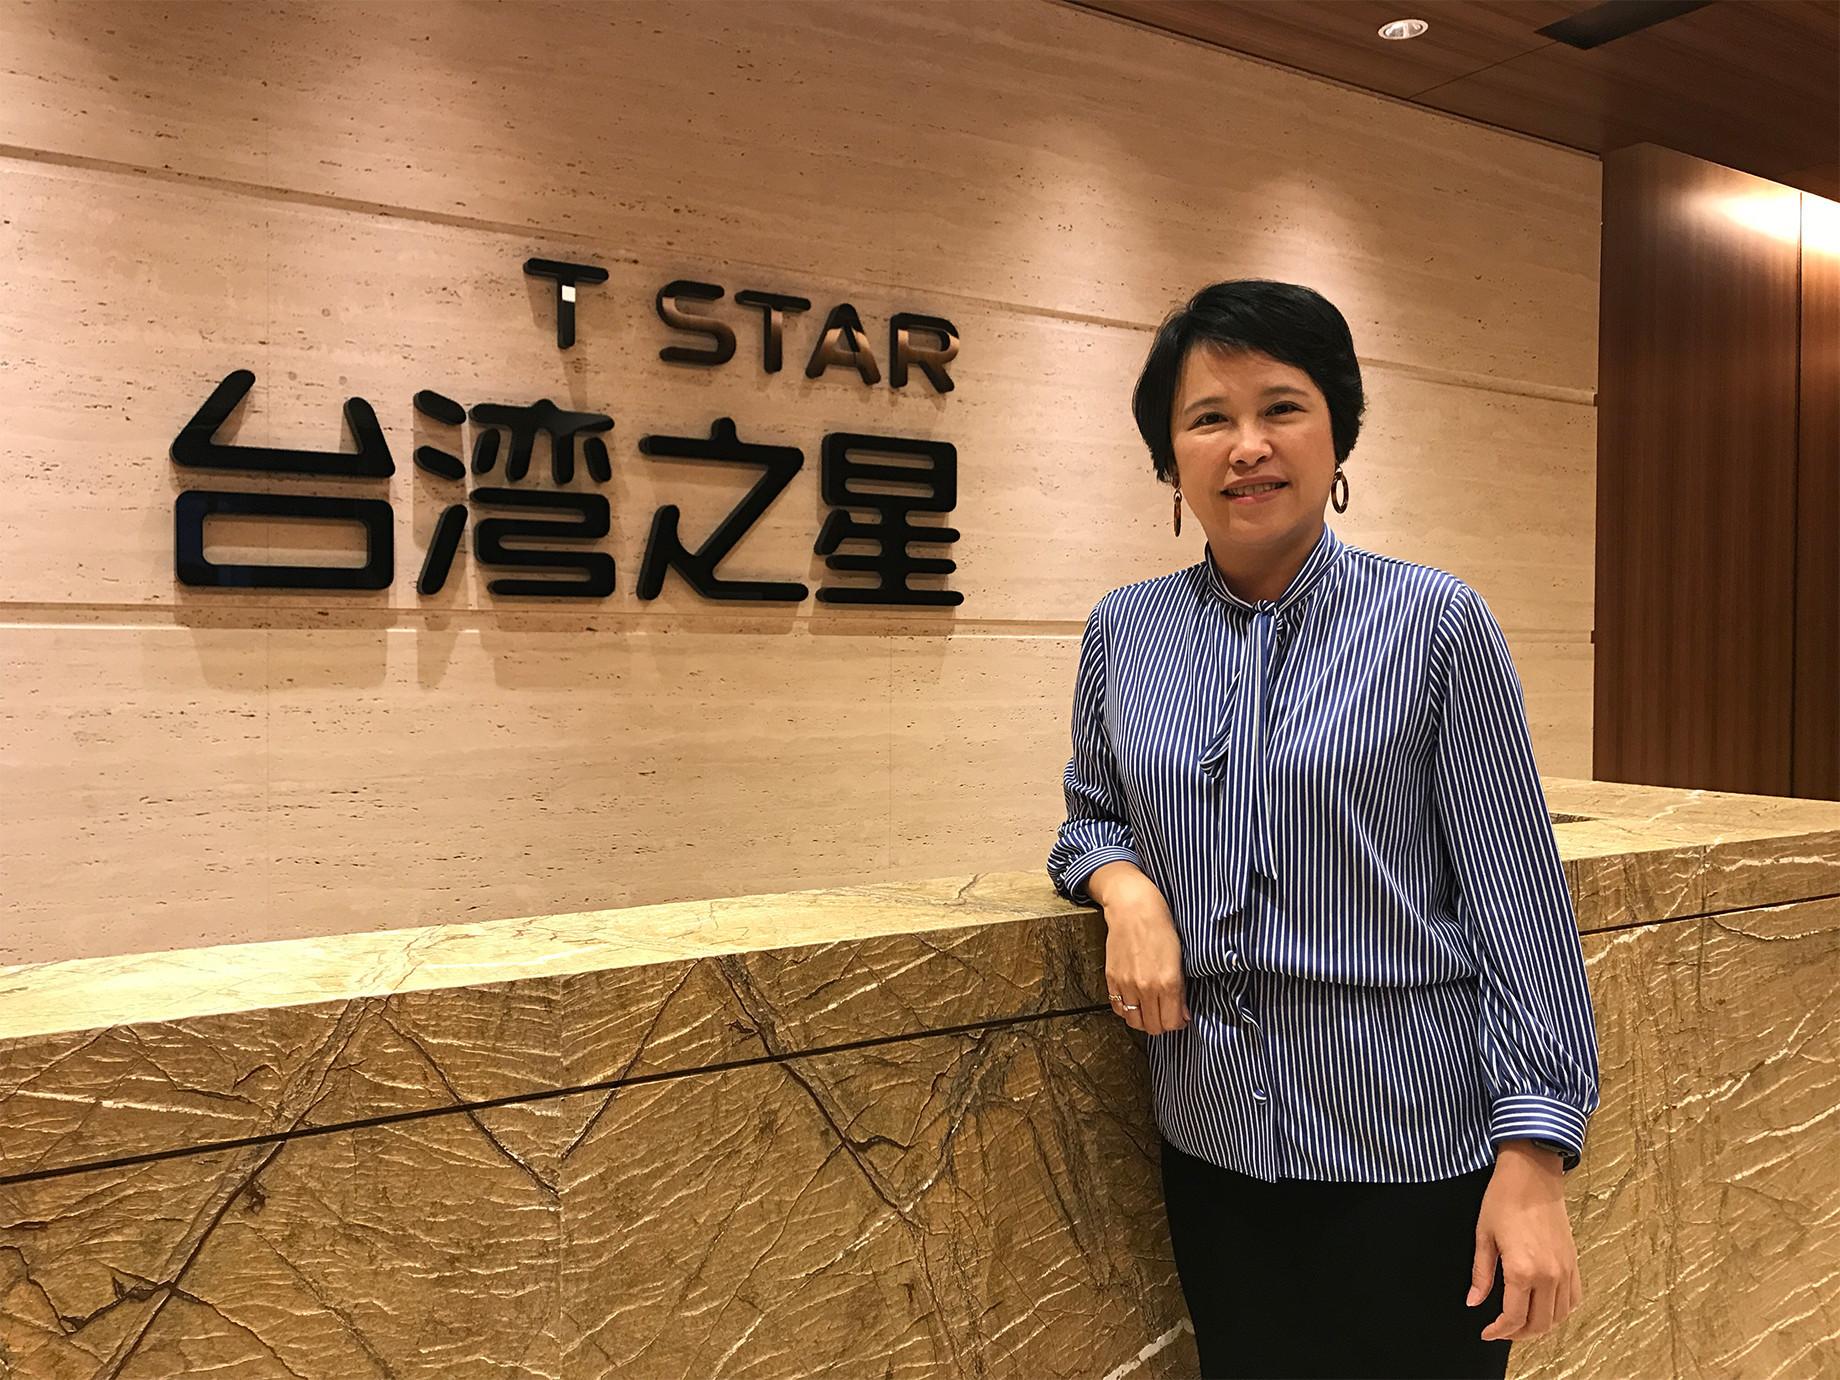 後進者用電商突圍!台灣之星攻下「網路門市申辦量」53%市占率